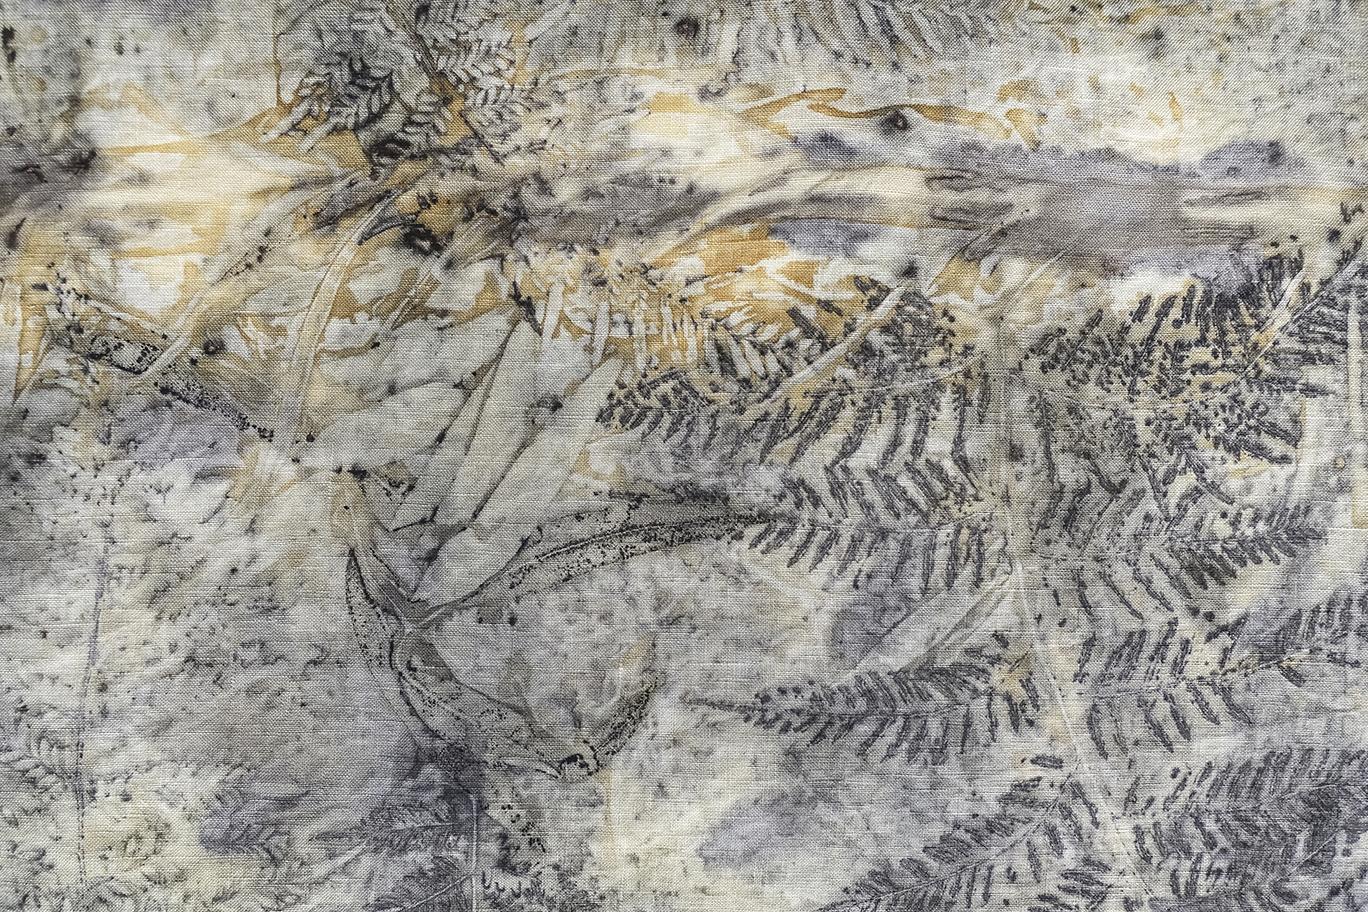 print of leaf patterns on linen